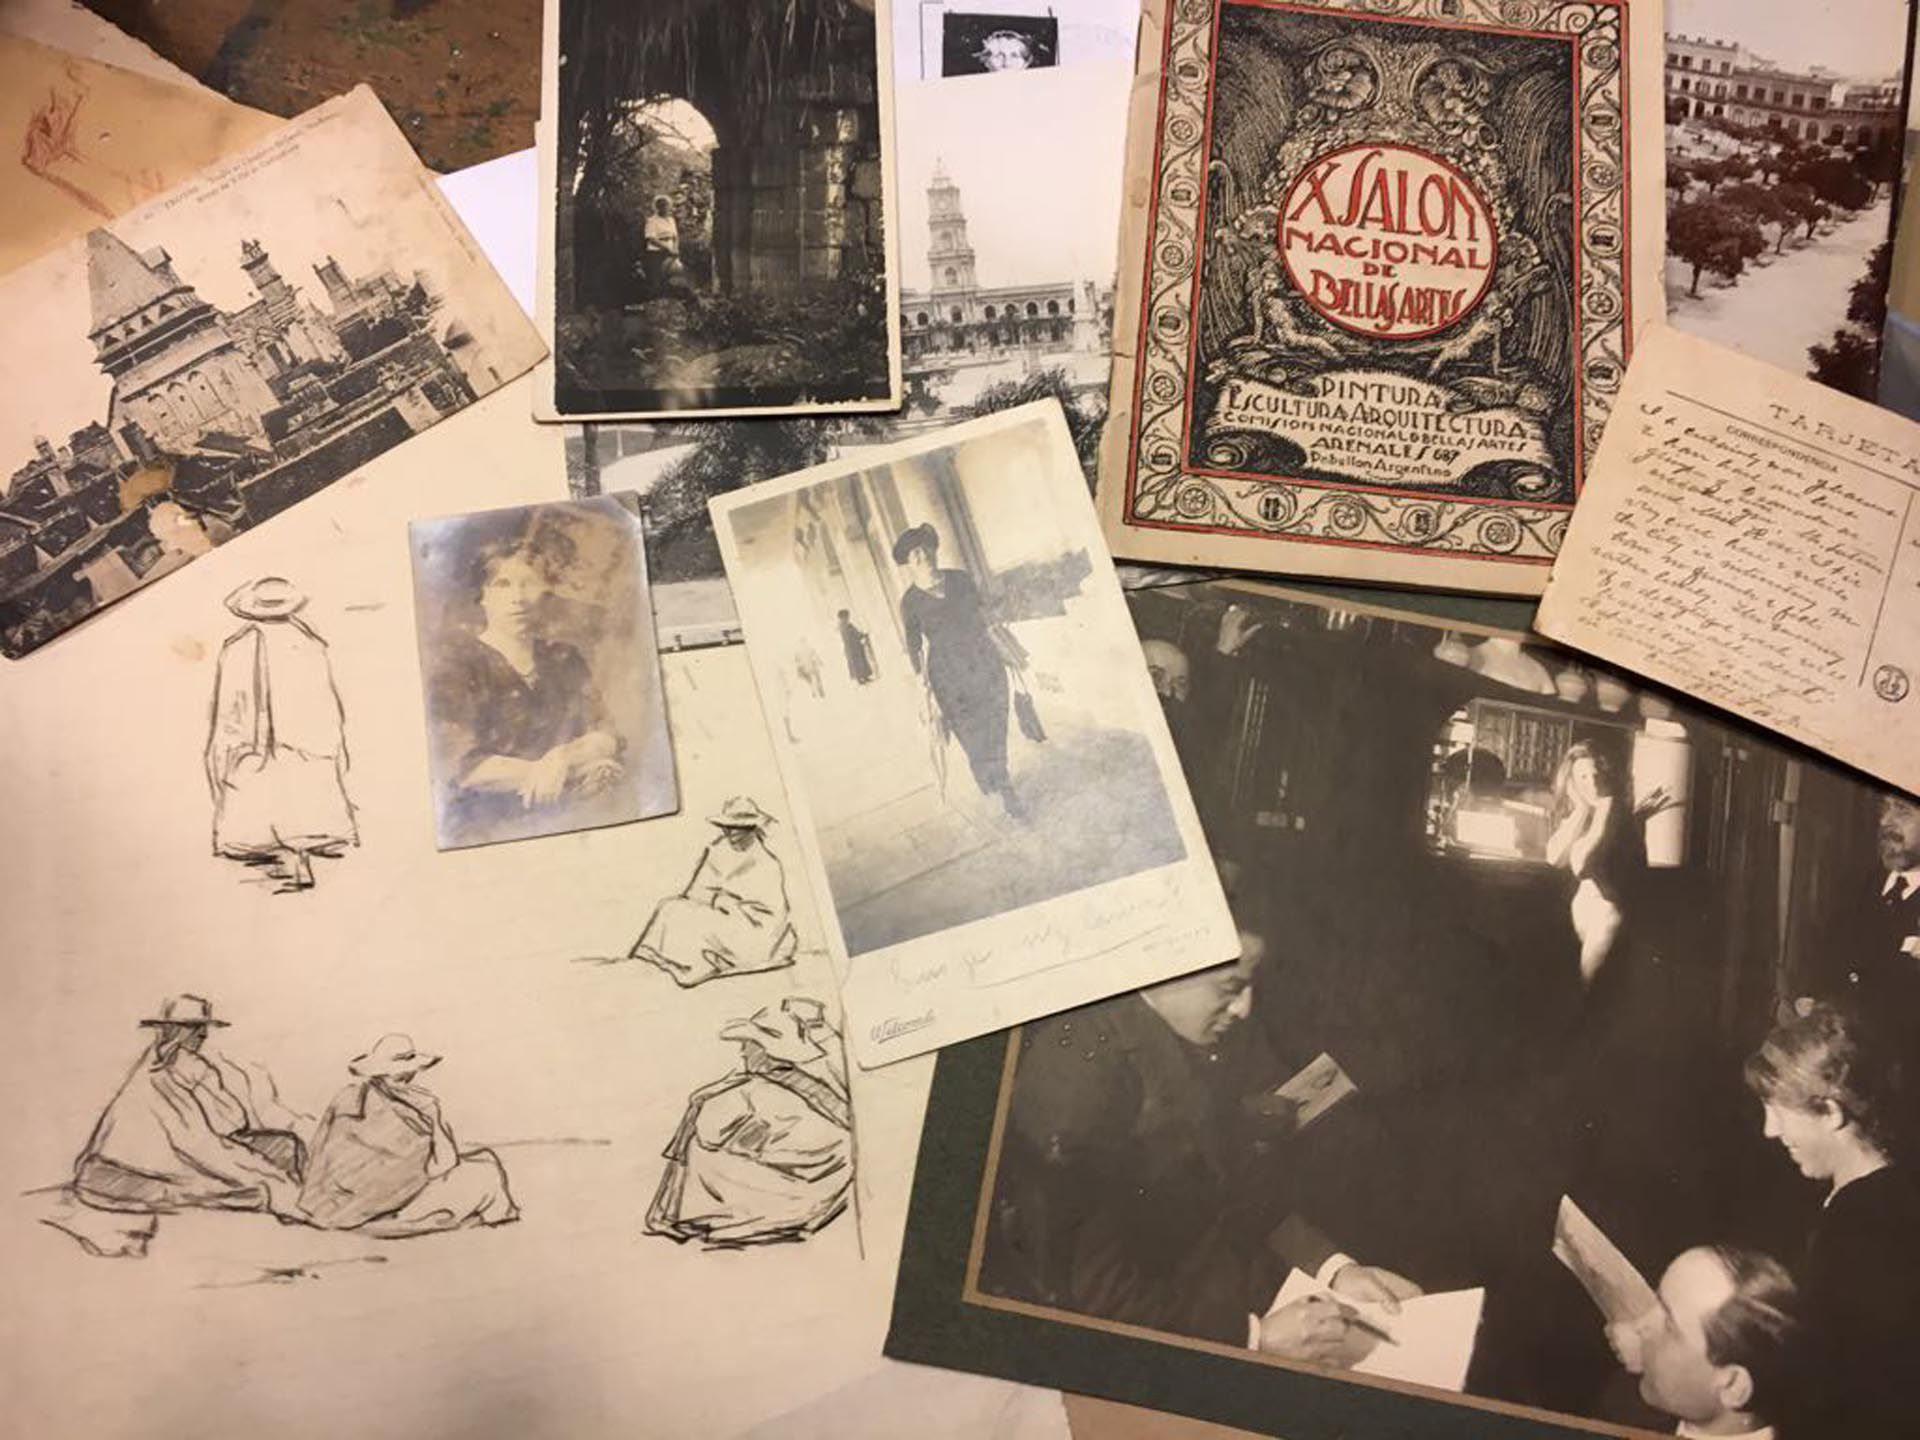 Su bisnieta posee cartas, postales y anotaciones que revelan el aspecto más íntimo de la artista